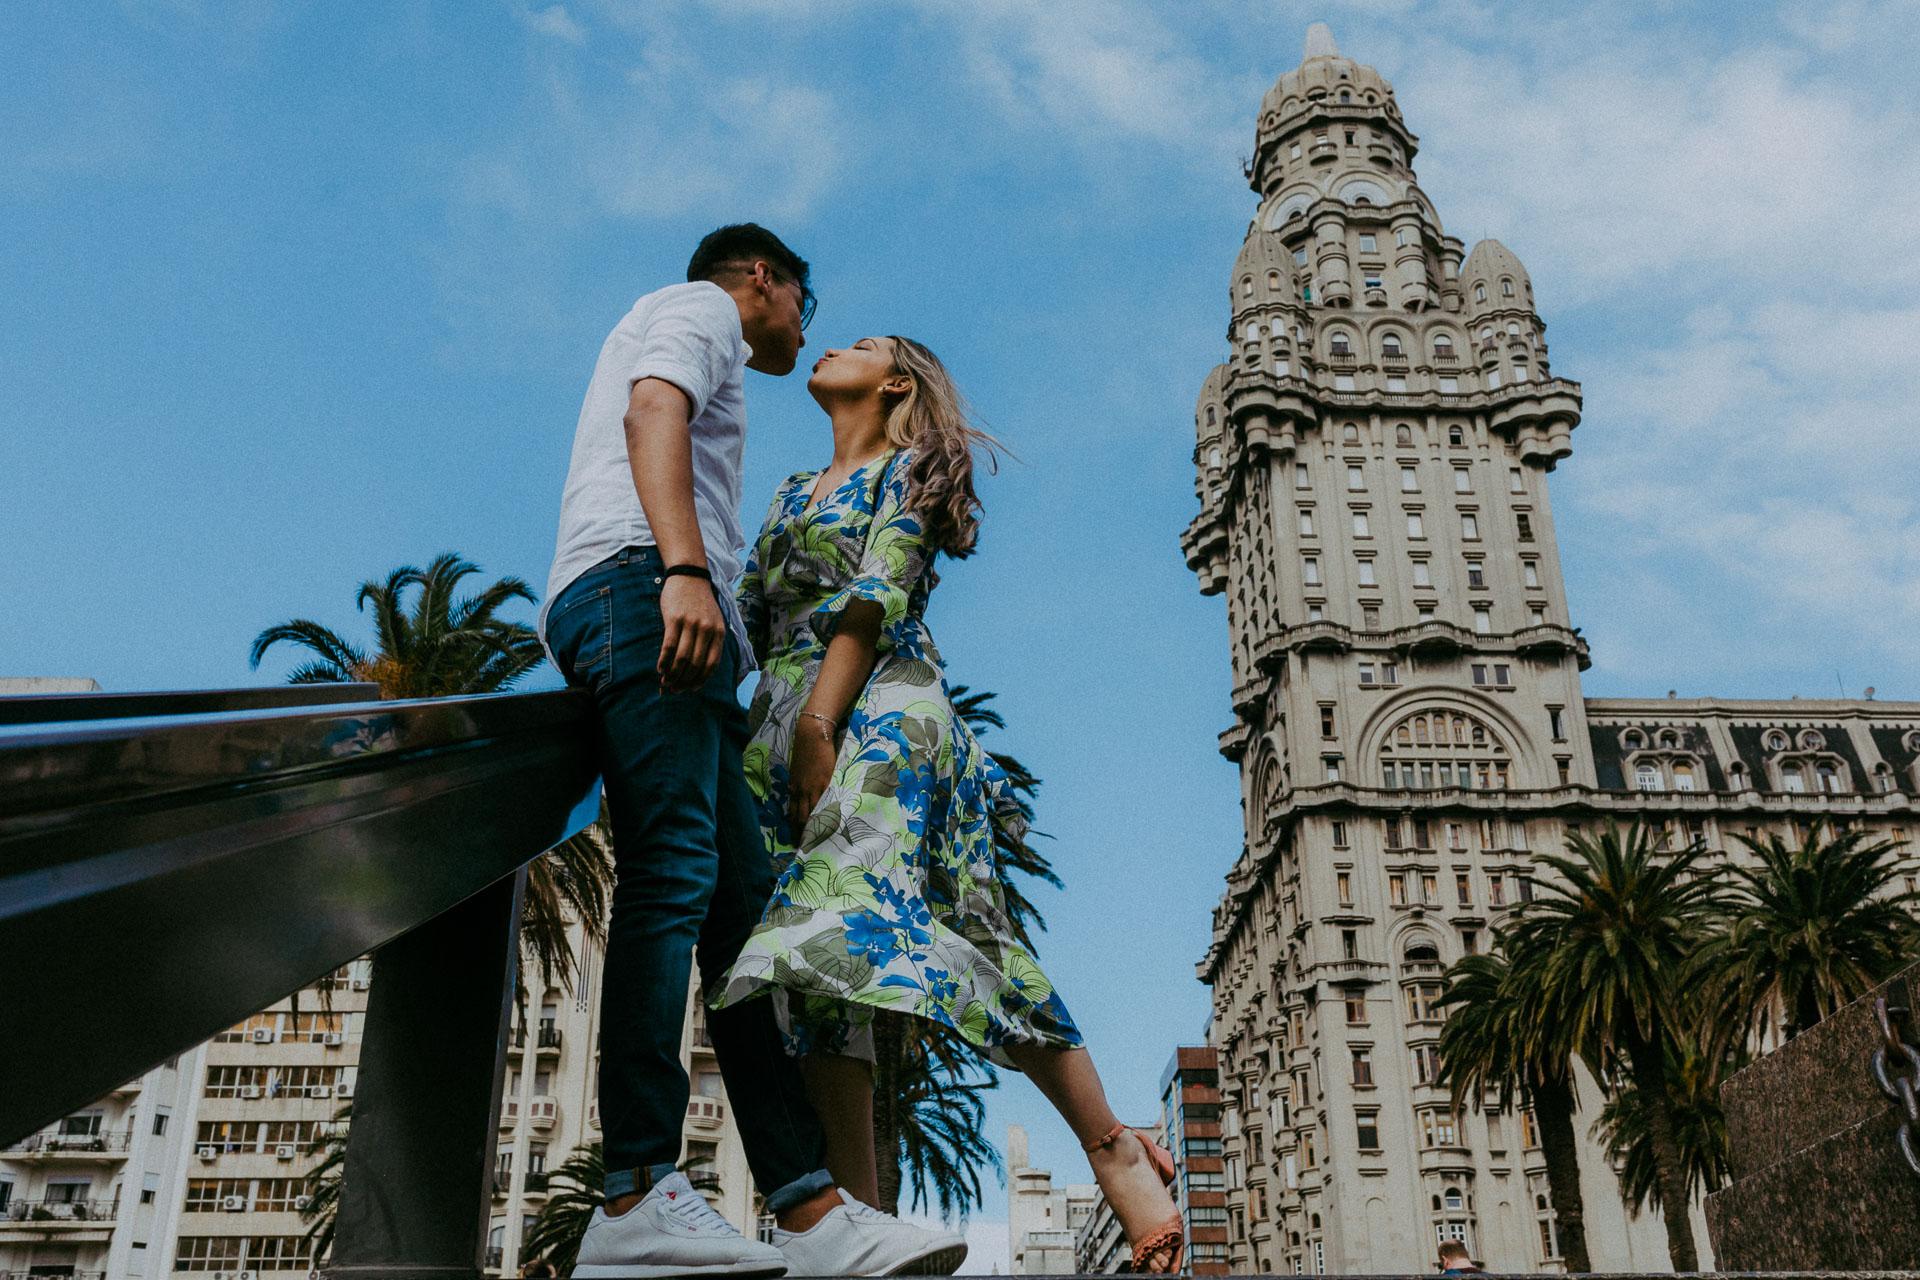 fotografo de bodas, montevideo, uruguay, norman parunov